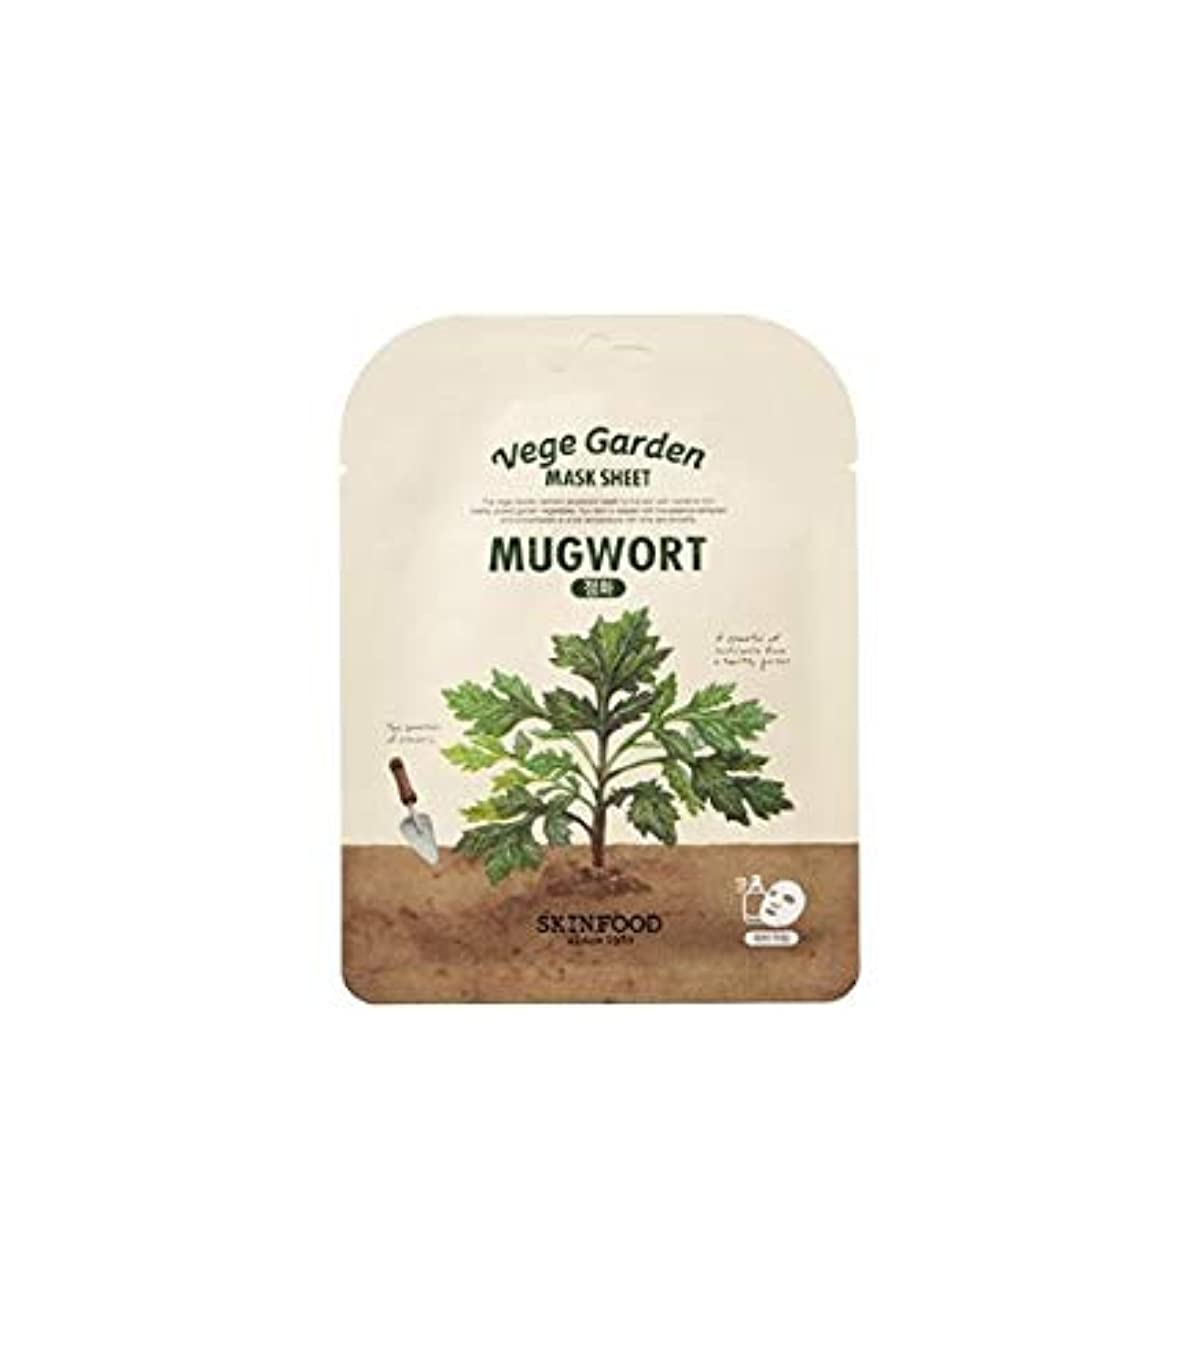 標準テスピアン付けるSkinfood ベジガーデンマスクシート#ヨモギ* 10ea / Vege Garden Mask Sheet #Mugwort *10ea 20ml*10 [並行輸入品]